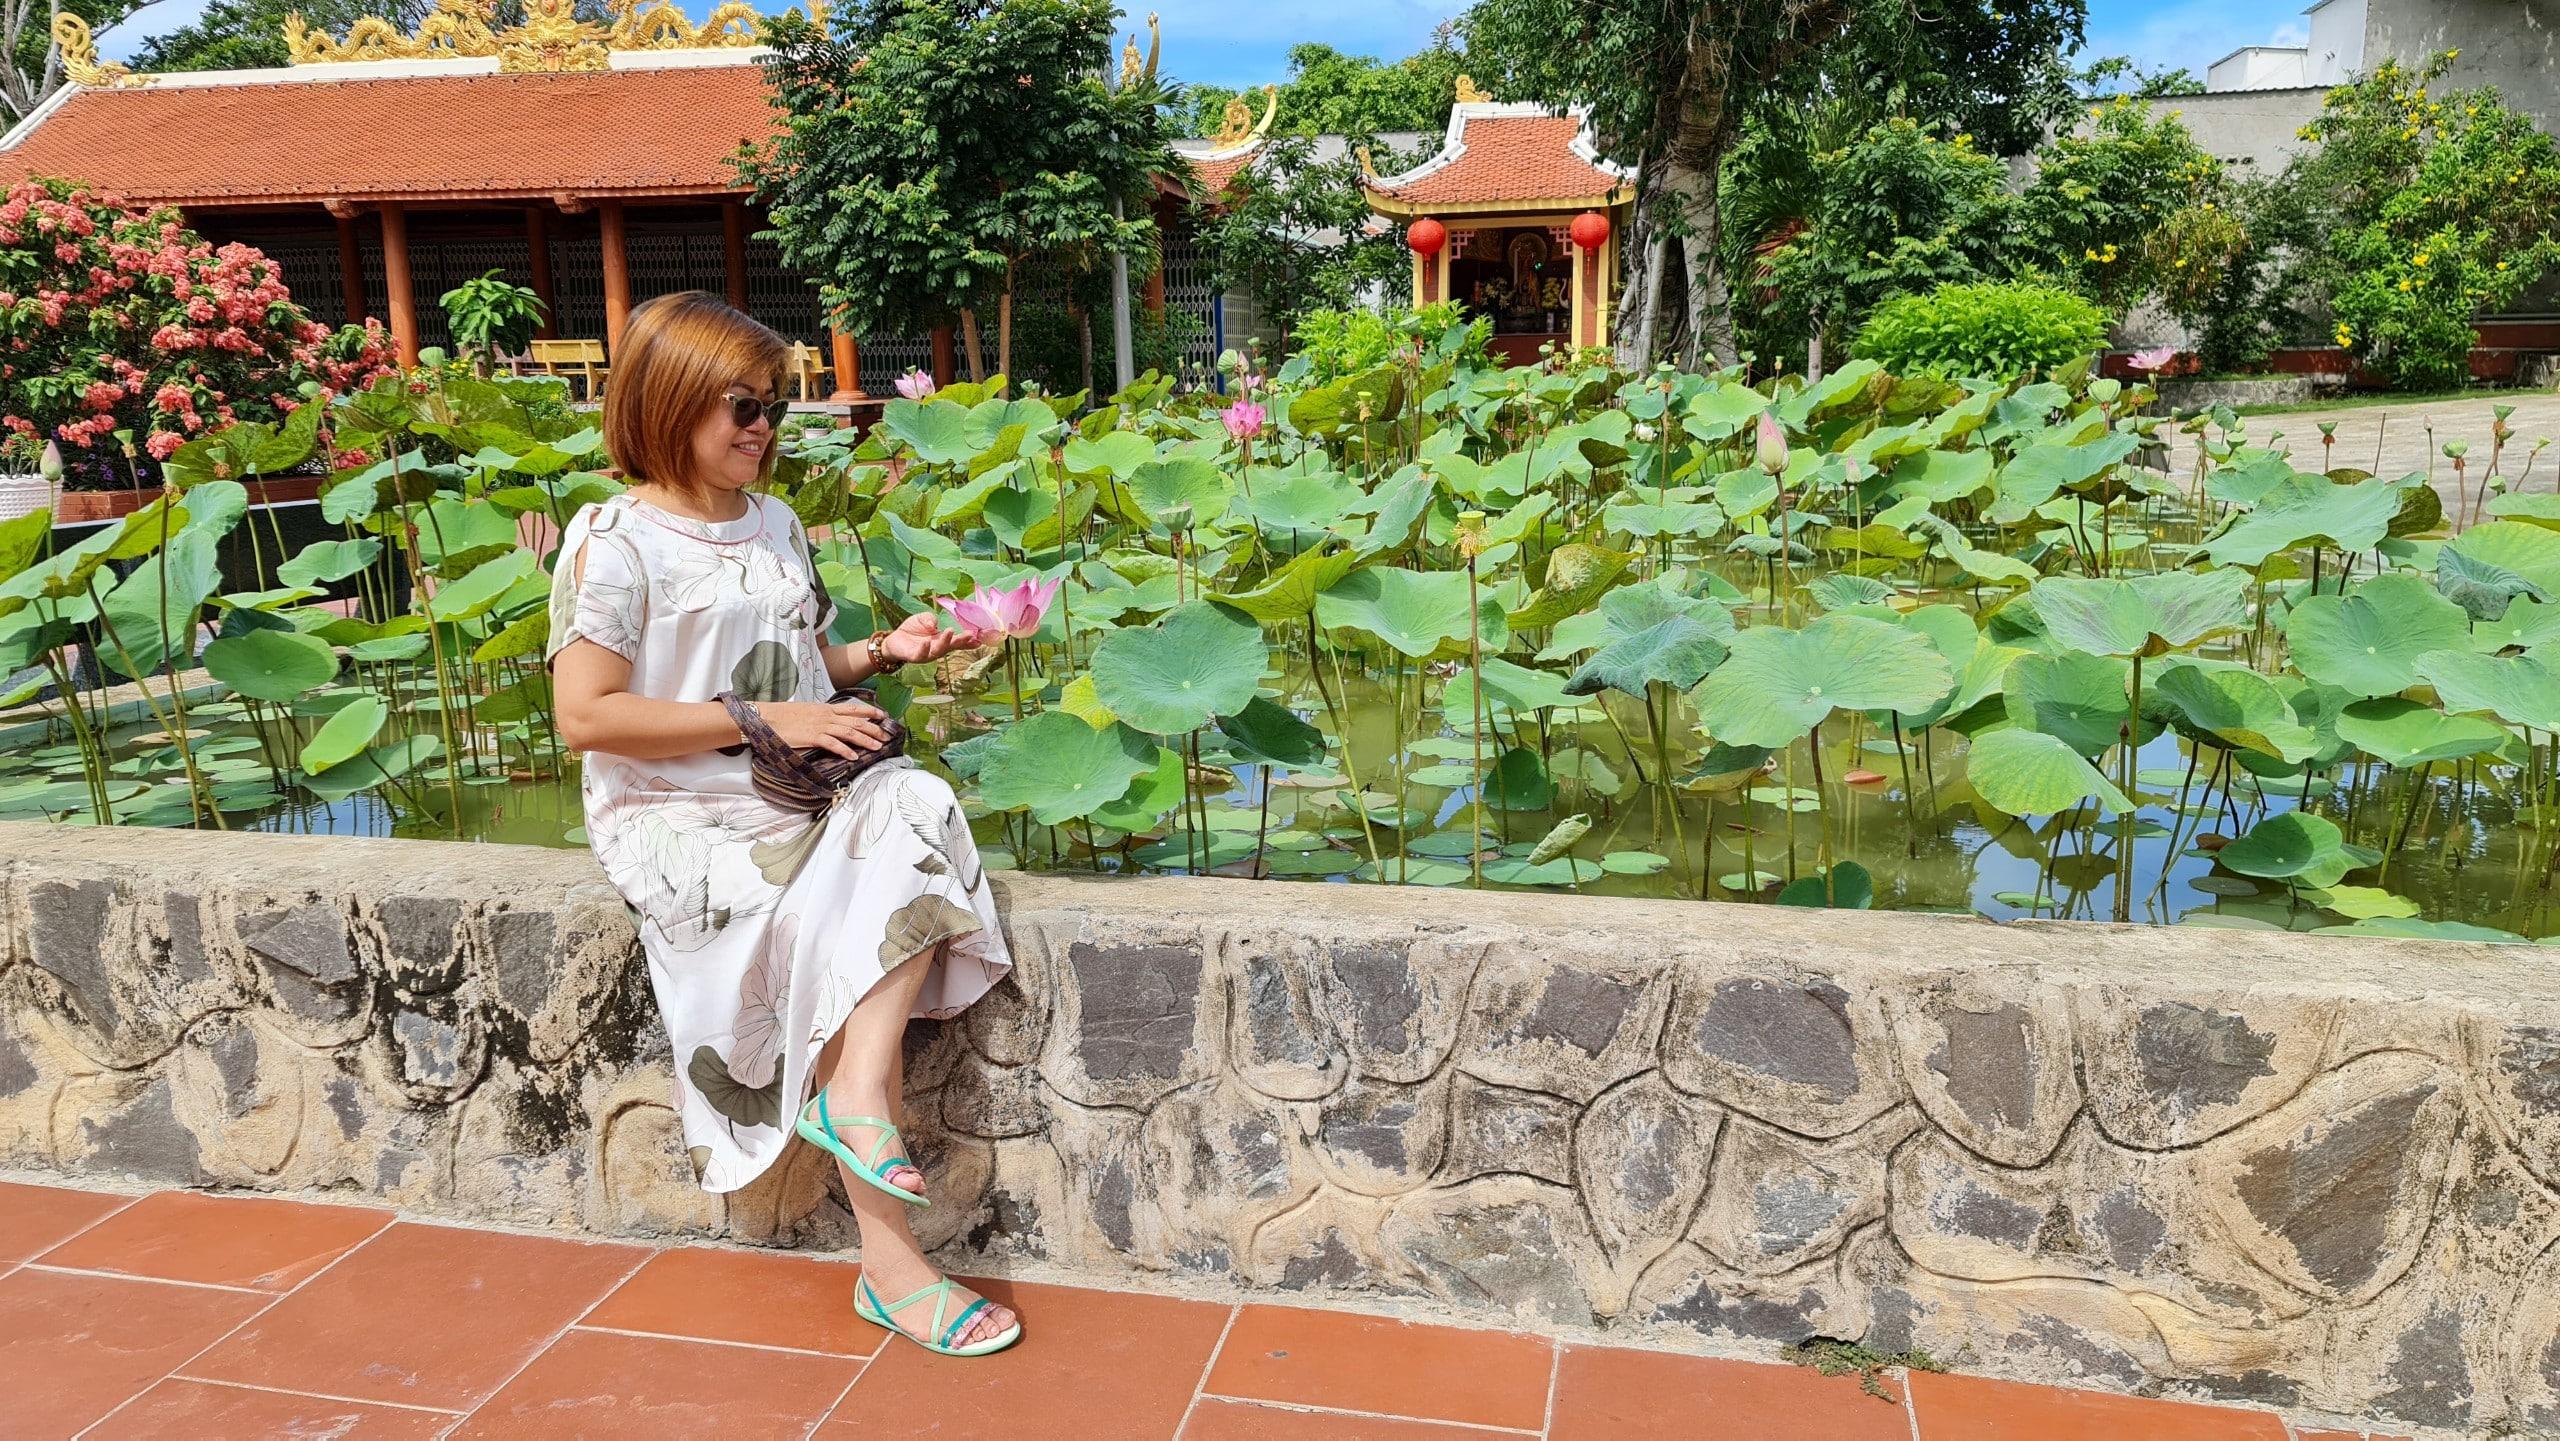 Hồ sen nằm trong khuôn viên Đền thờ Nguyễn Trung Trực